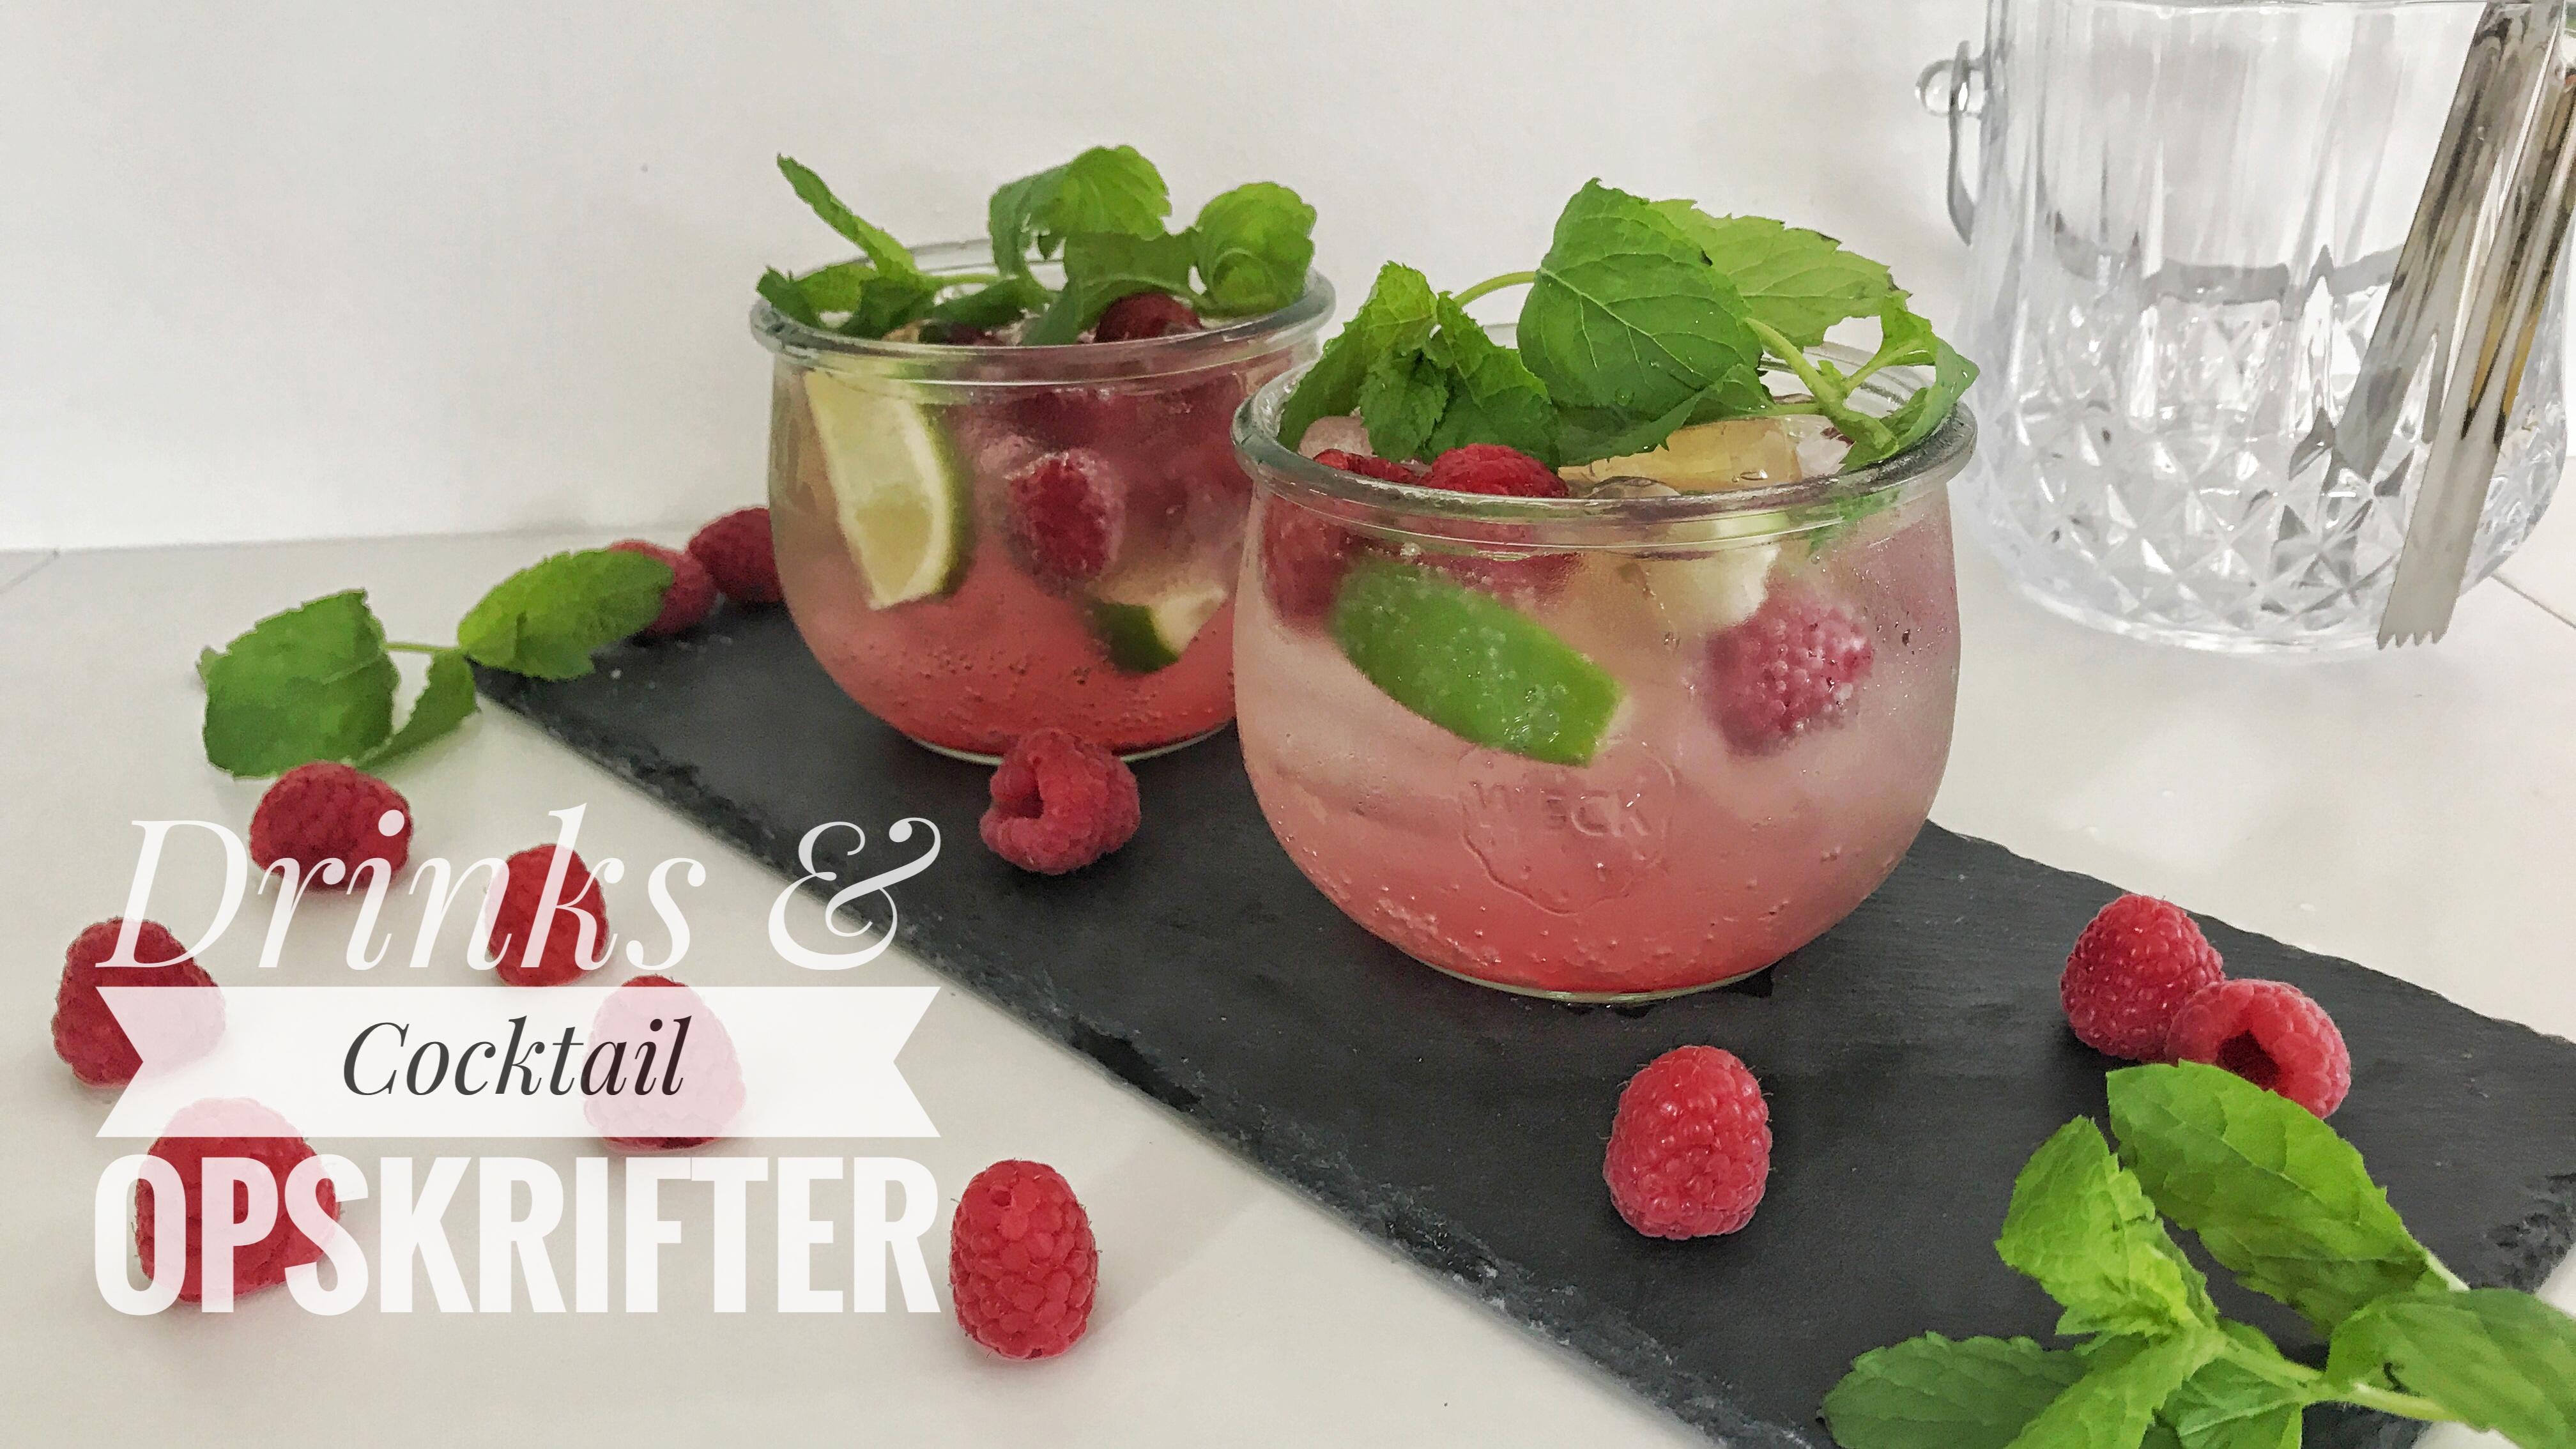 Opskrift cocktails